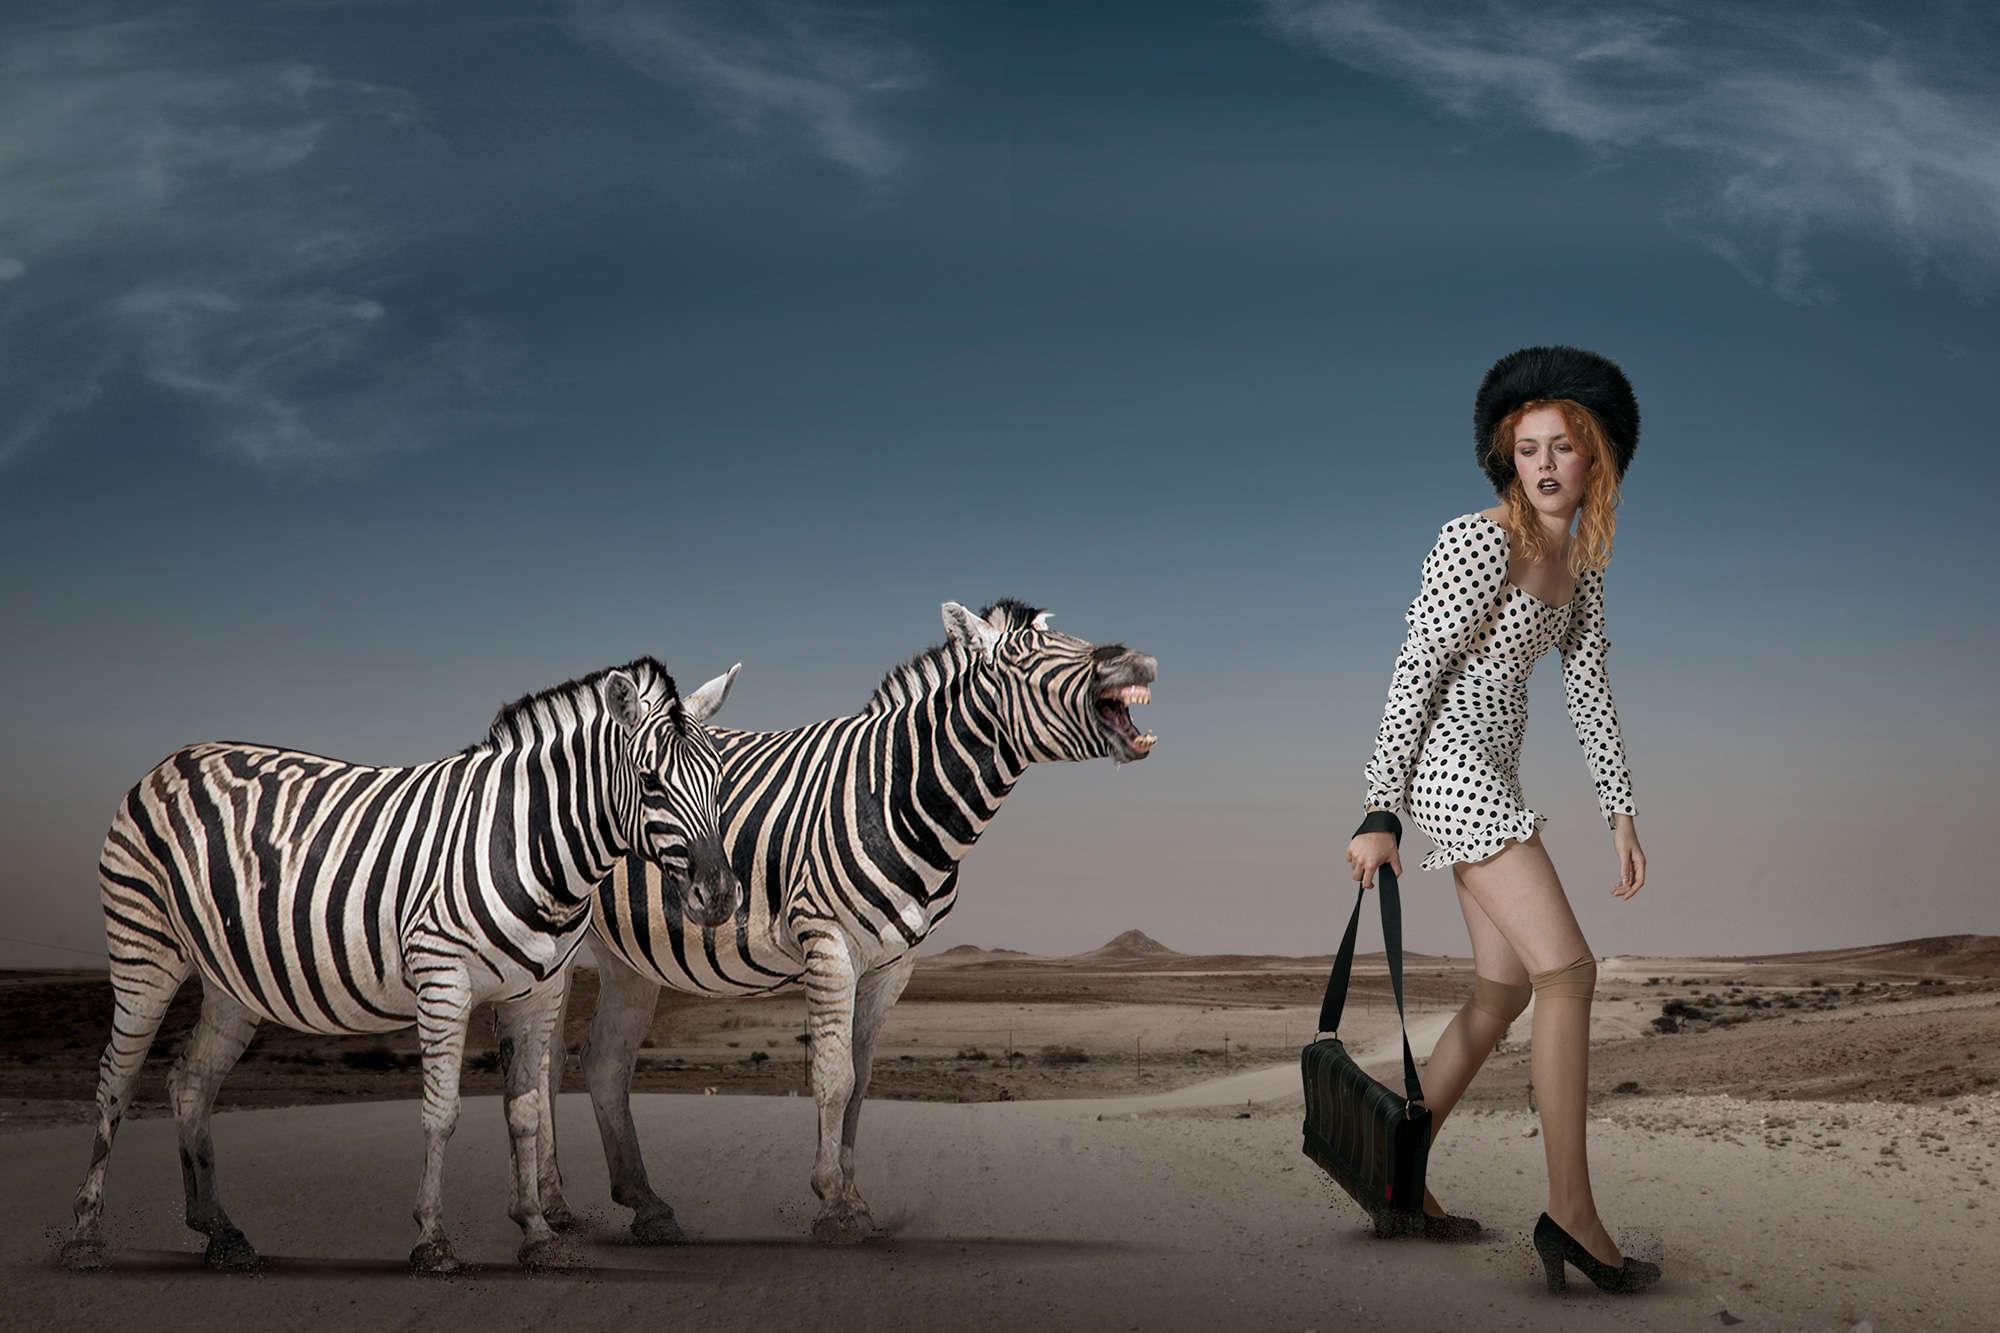 Christine von Diepenbroek - Zebra Stripes and Polka Dots